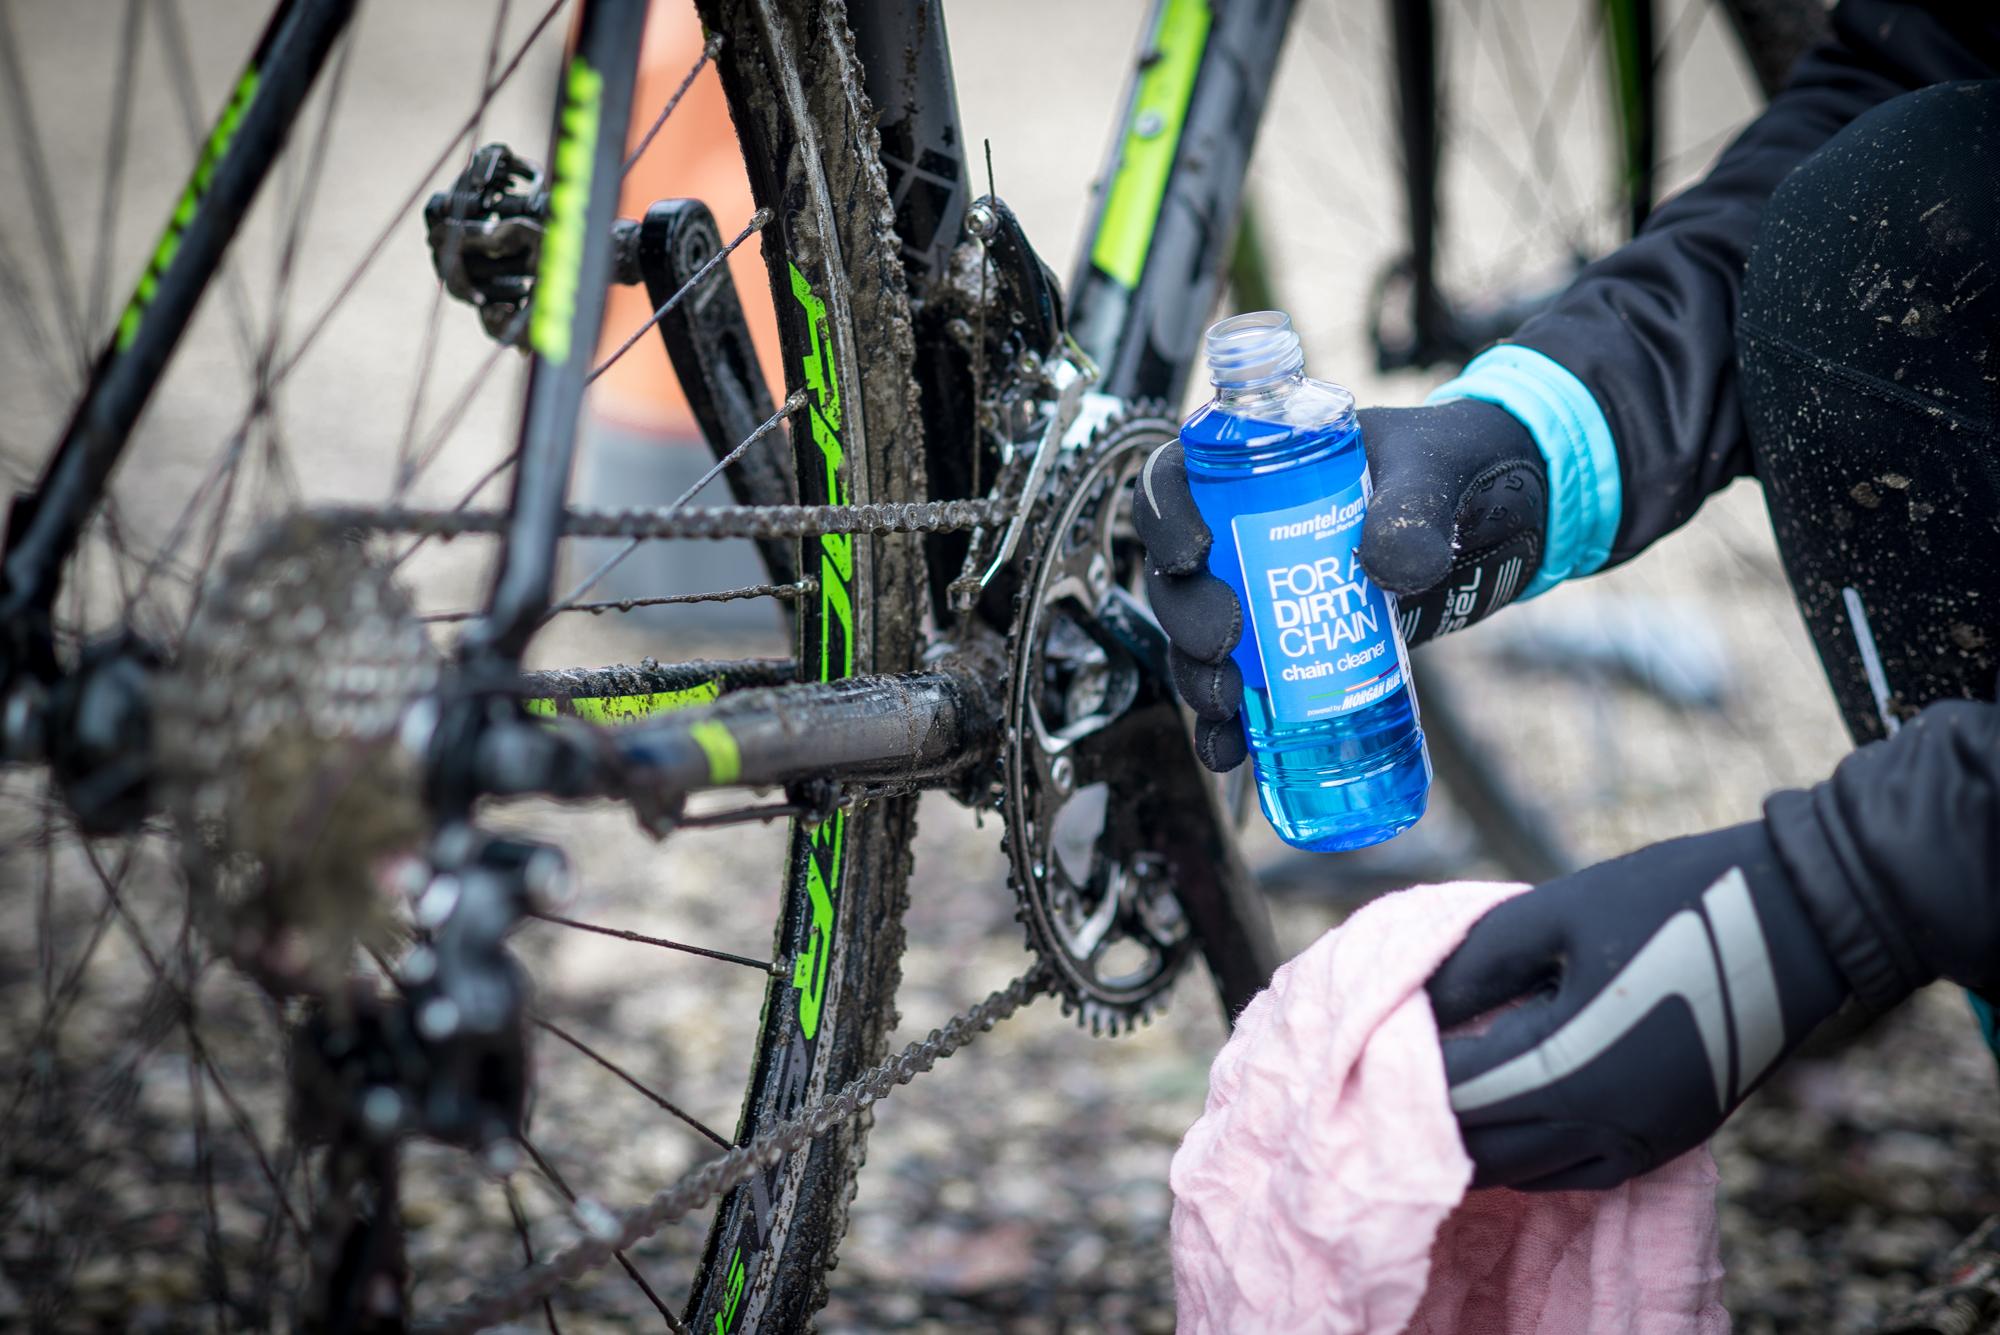 Homem se prepara para limpar a bike após pedalar na chuva